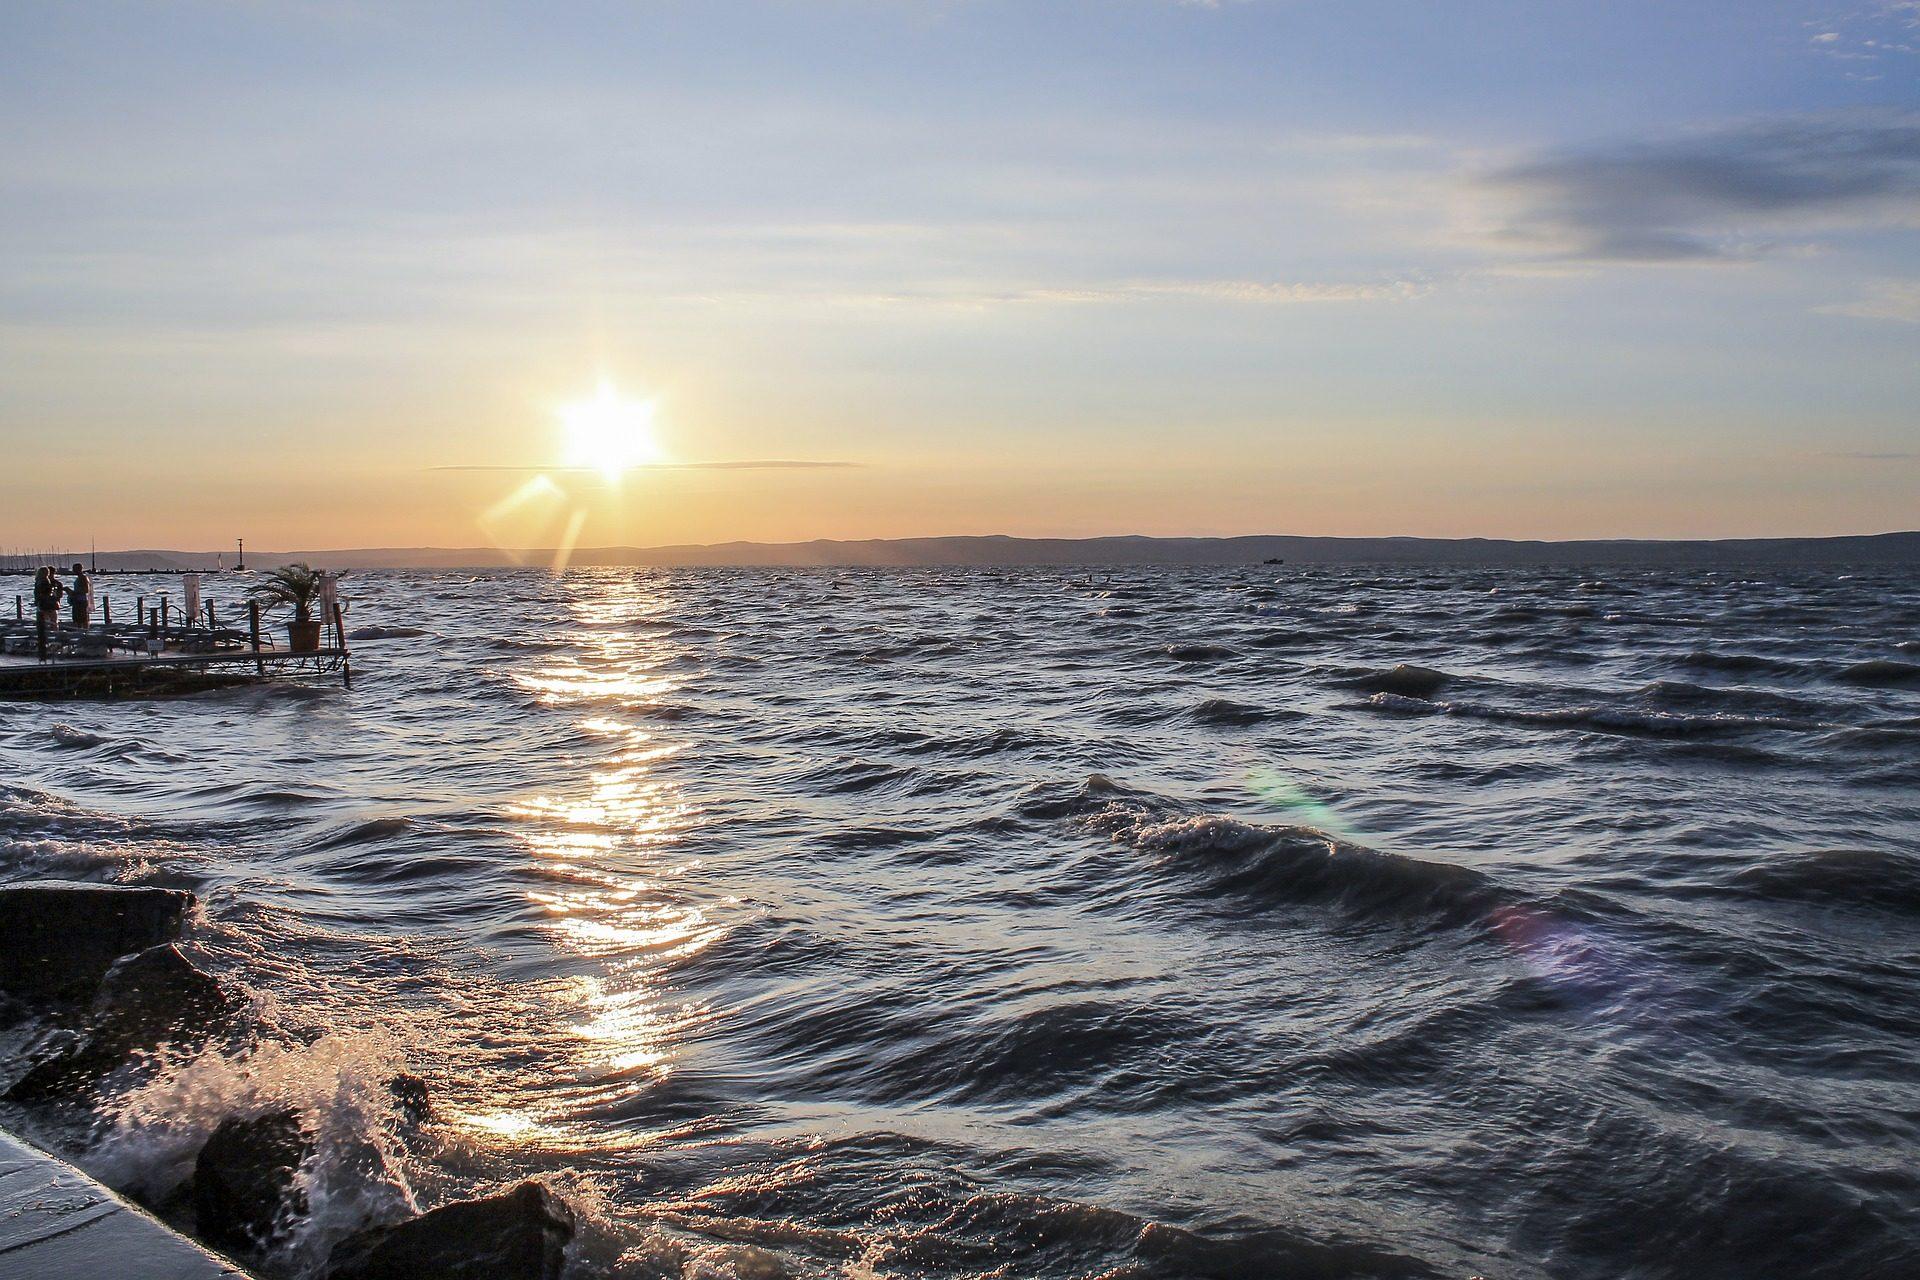 lago, balaton, atardecer, relax, hungría - Fondos de Pantalla HD - professor-falken.com